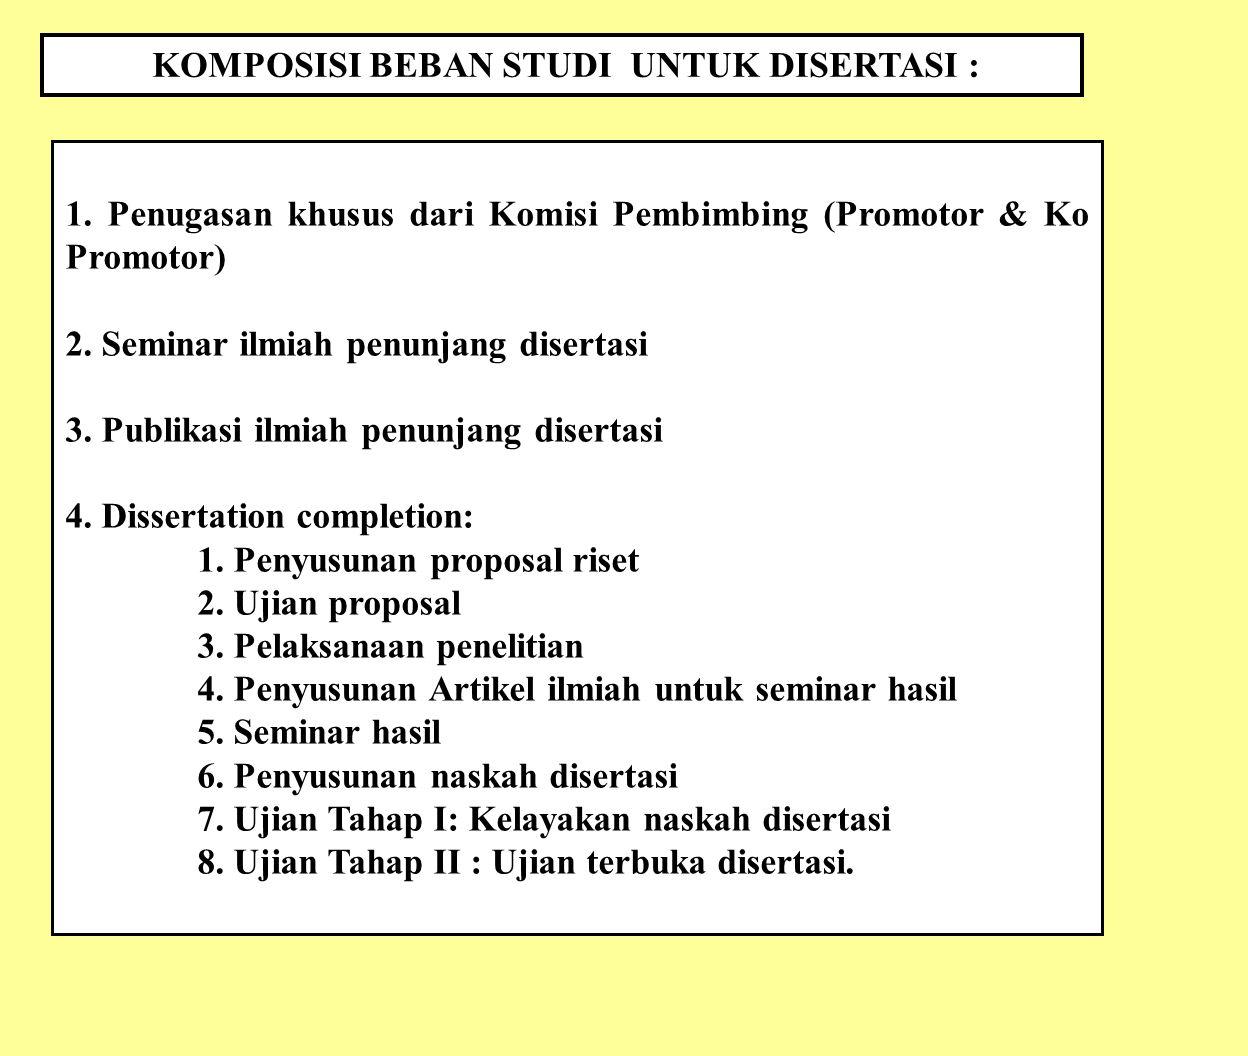 KOMPOSISI BEBAN STUDI UNTUK DISERTASI : 1. Penugasan khusus dari Komisi Pembimbing (Promotor & Ko Promotor) 2. Seminar ilmiah penunjang disertasi 3. P